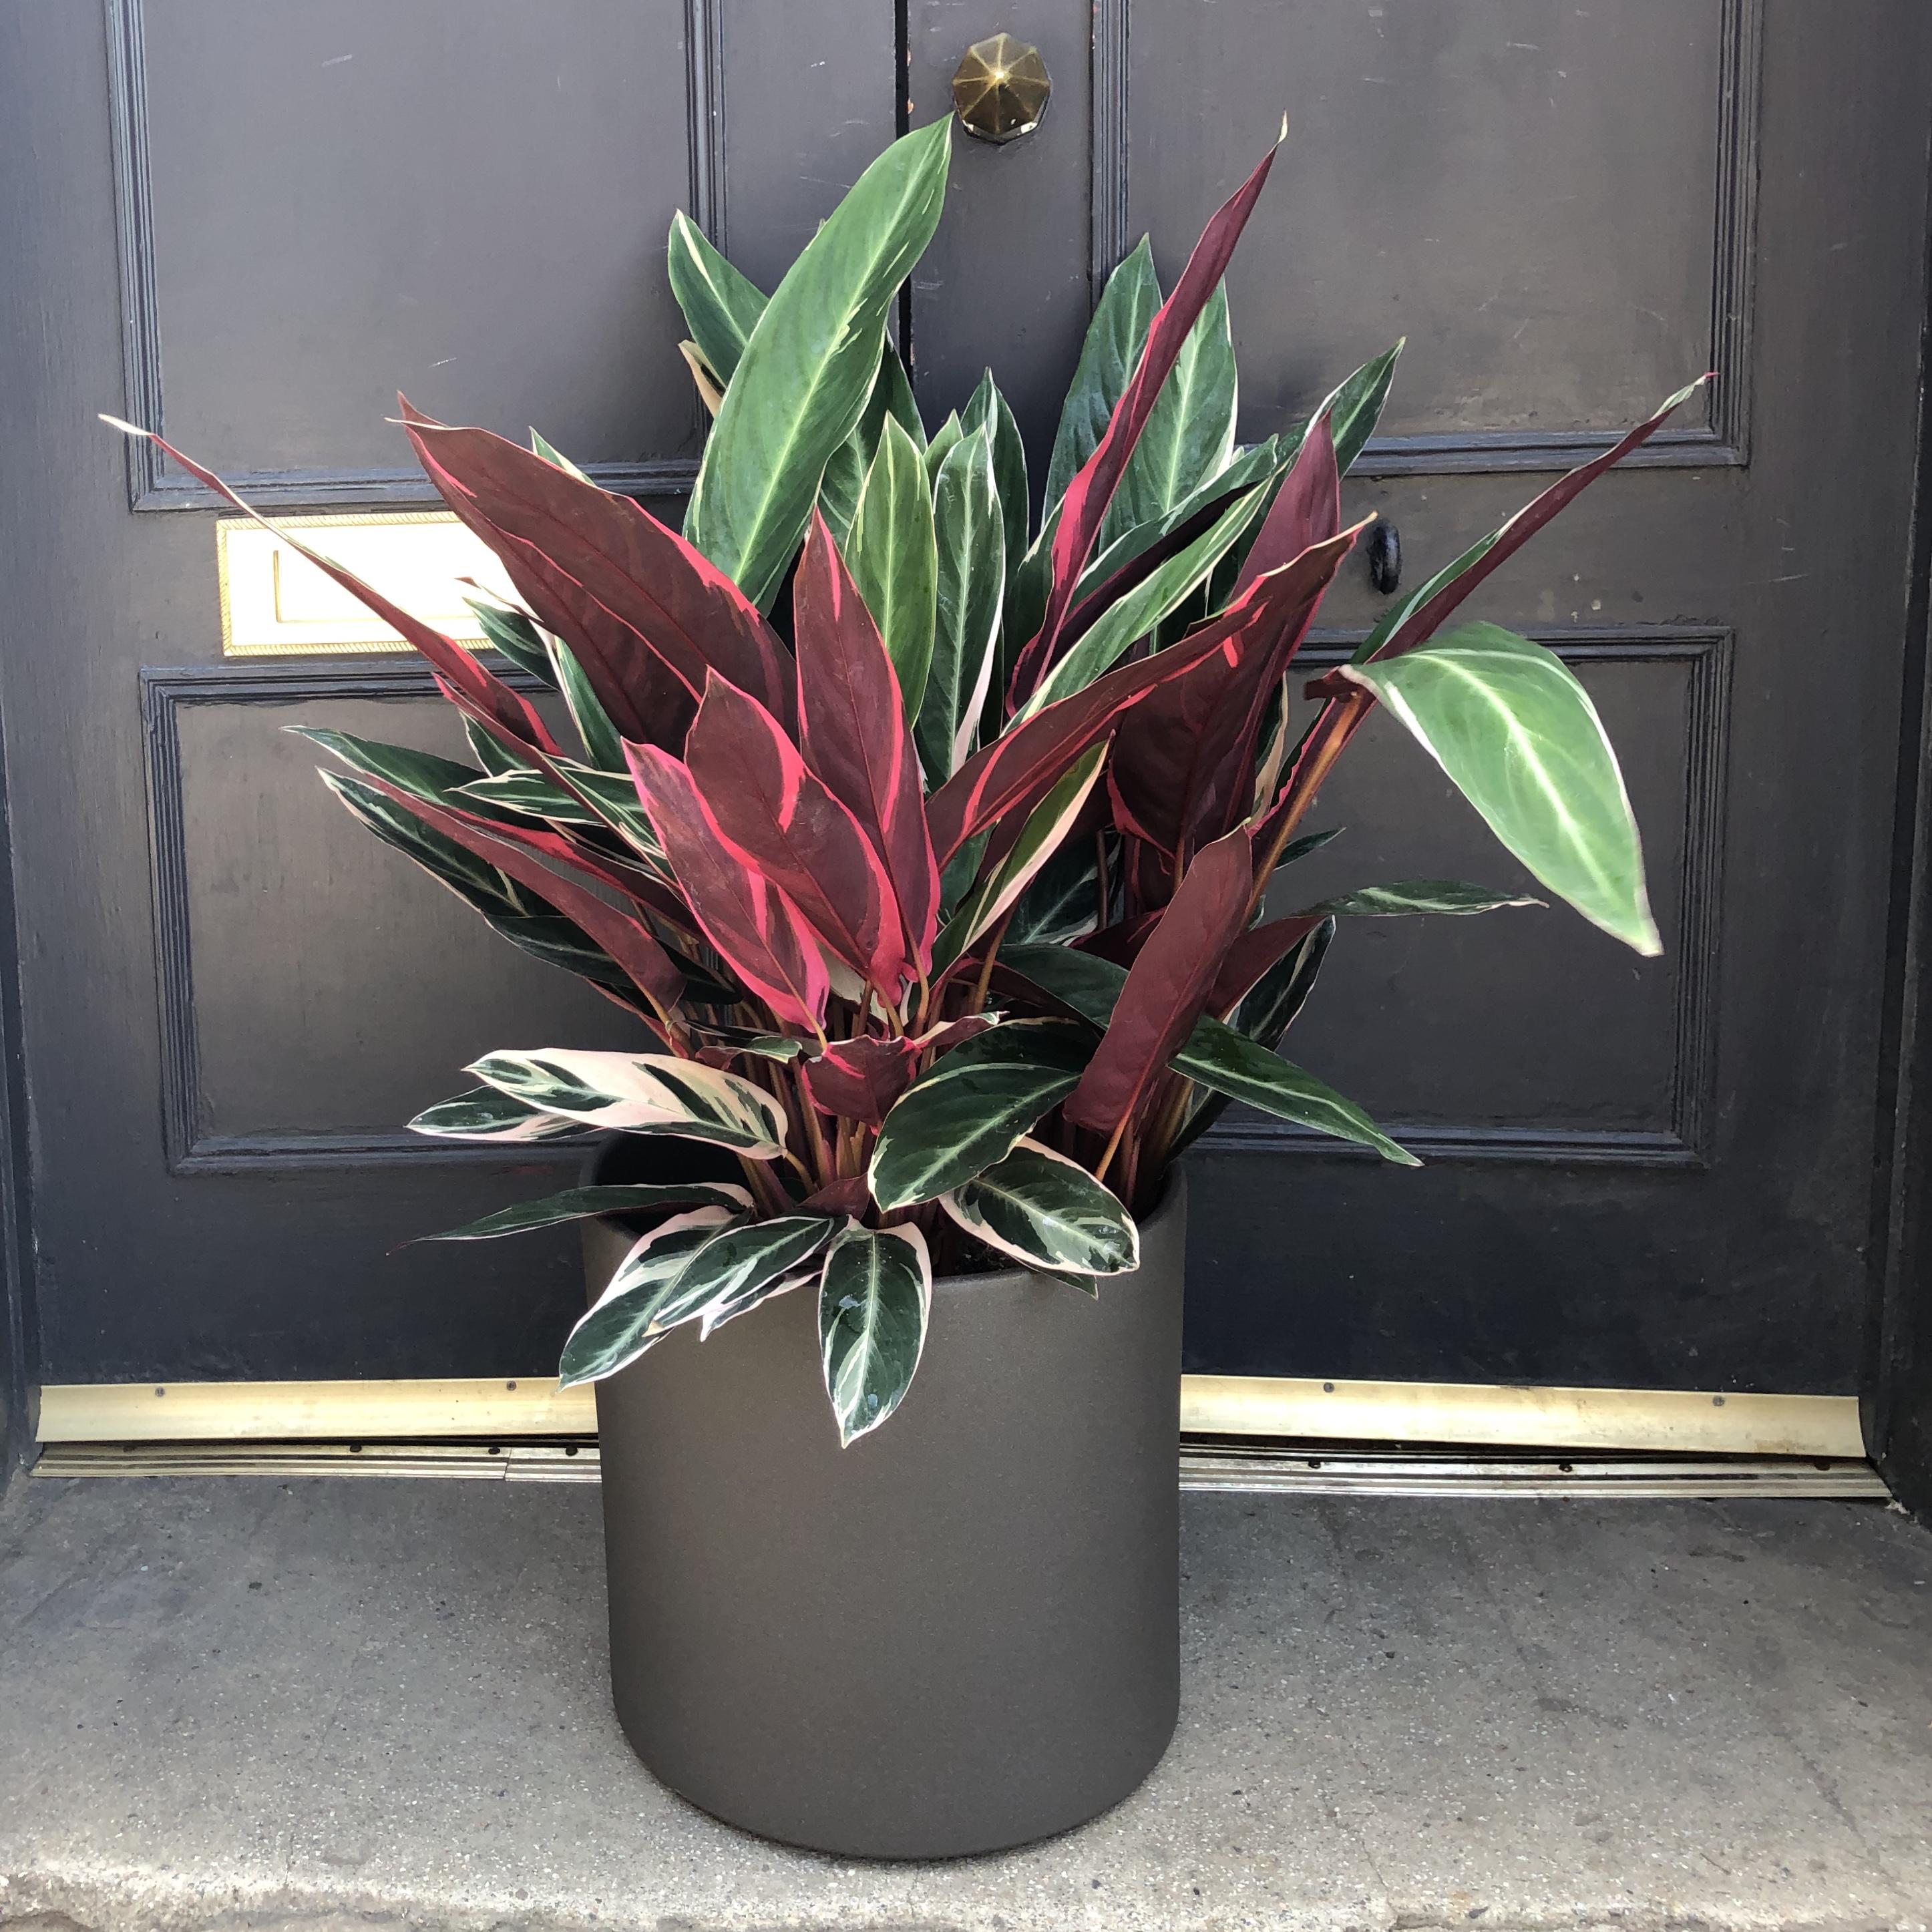 Stromanthe 'Triostar' (85cm)